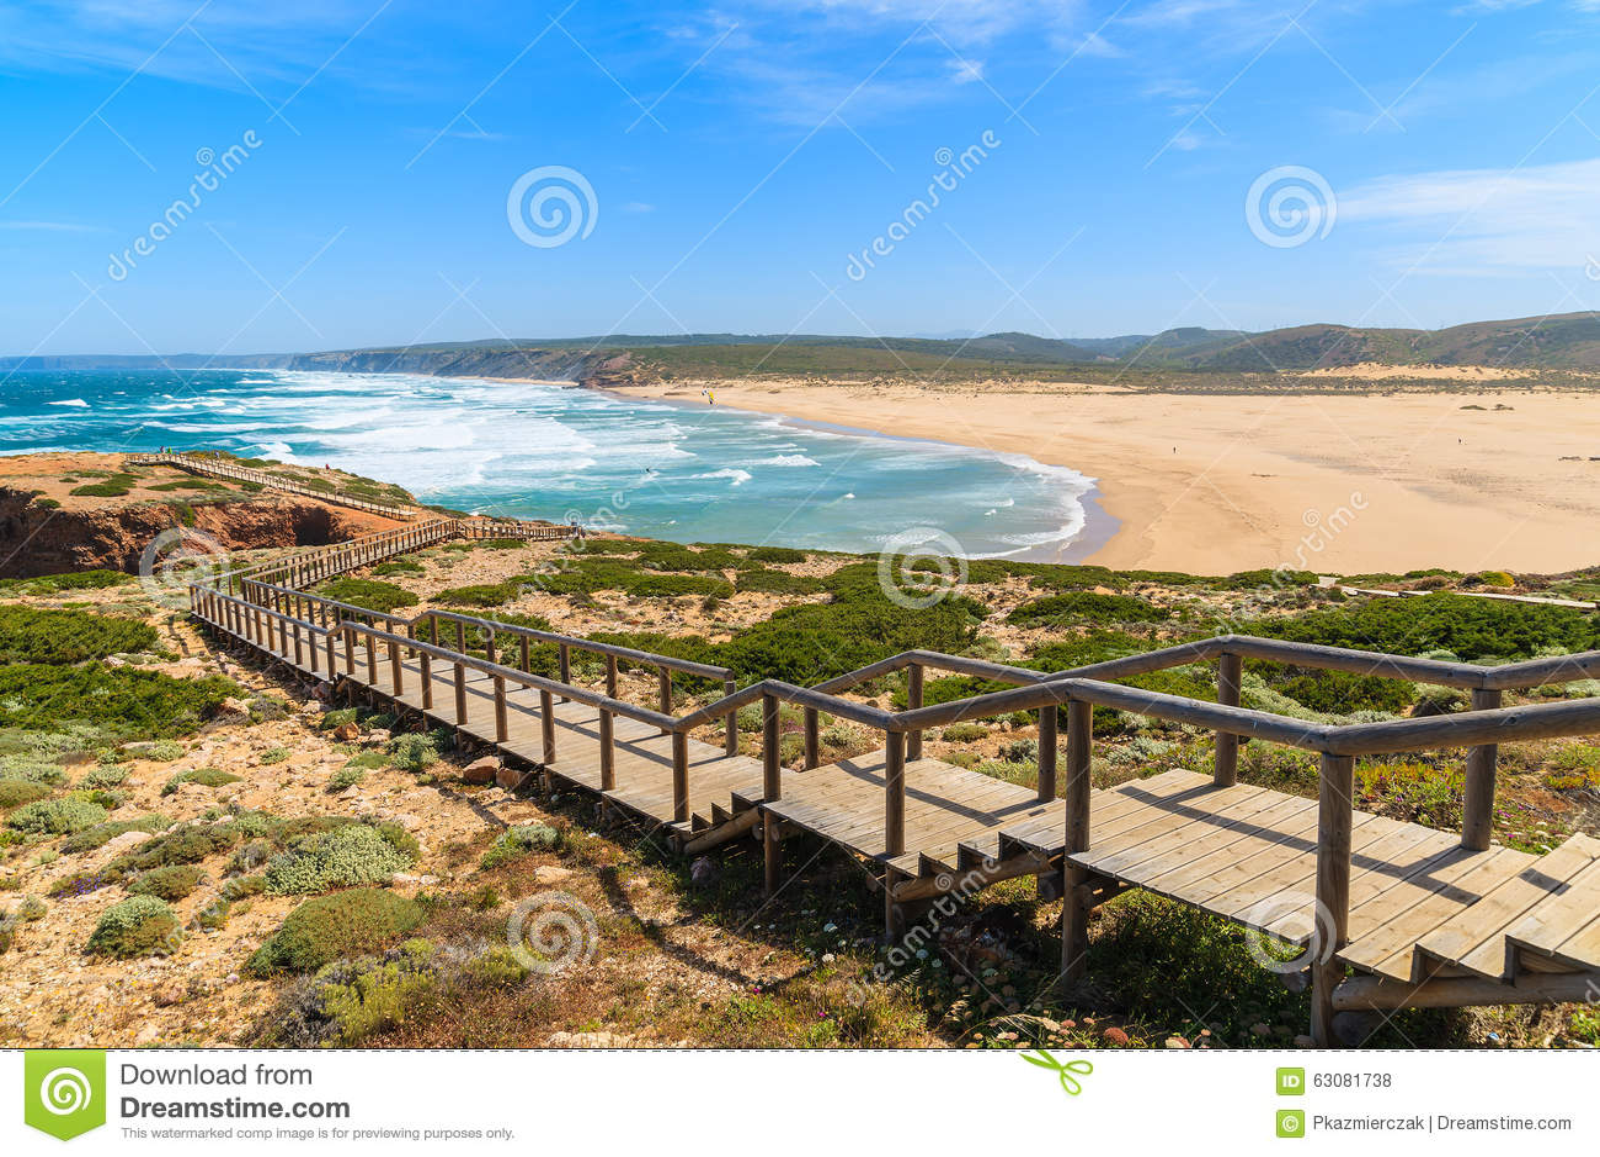 Download Le Passage Couvert En Bois Au Praia Font La Plage De Bordeira Photo stock - Image du espagne, océan: 63081738